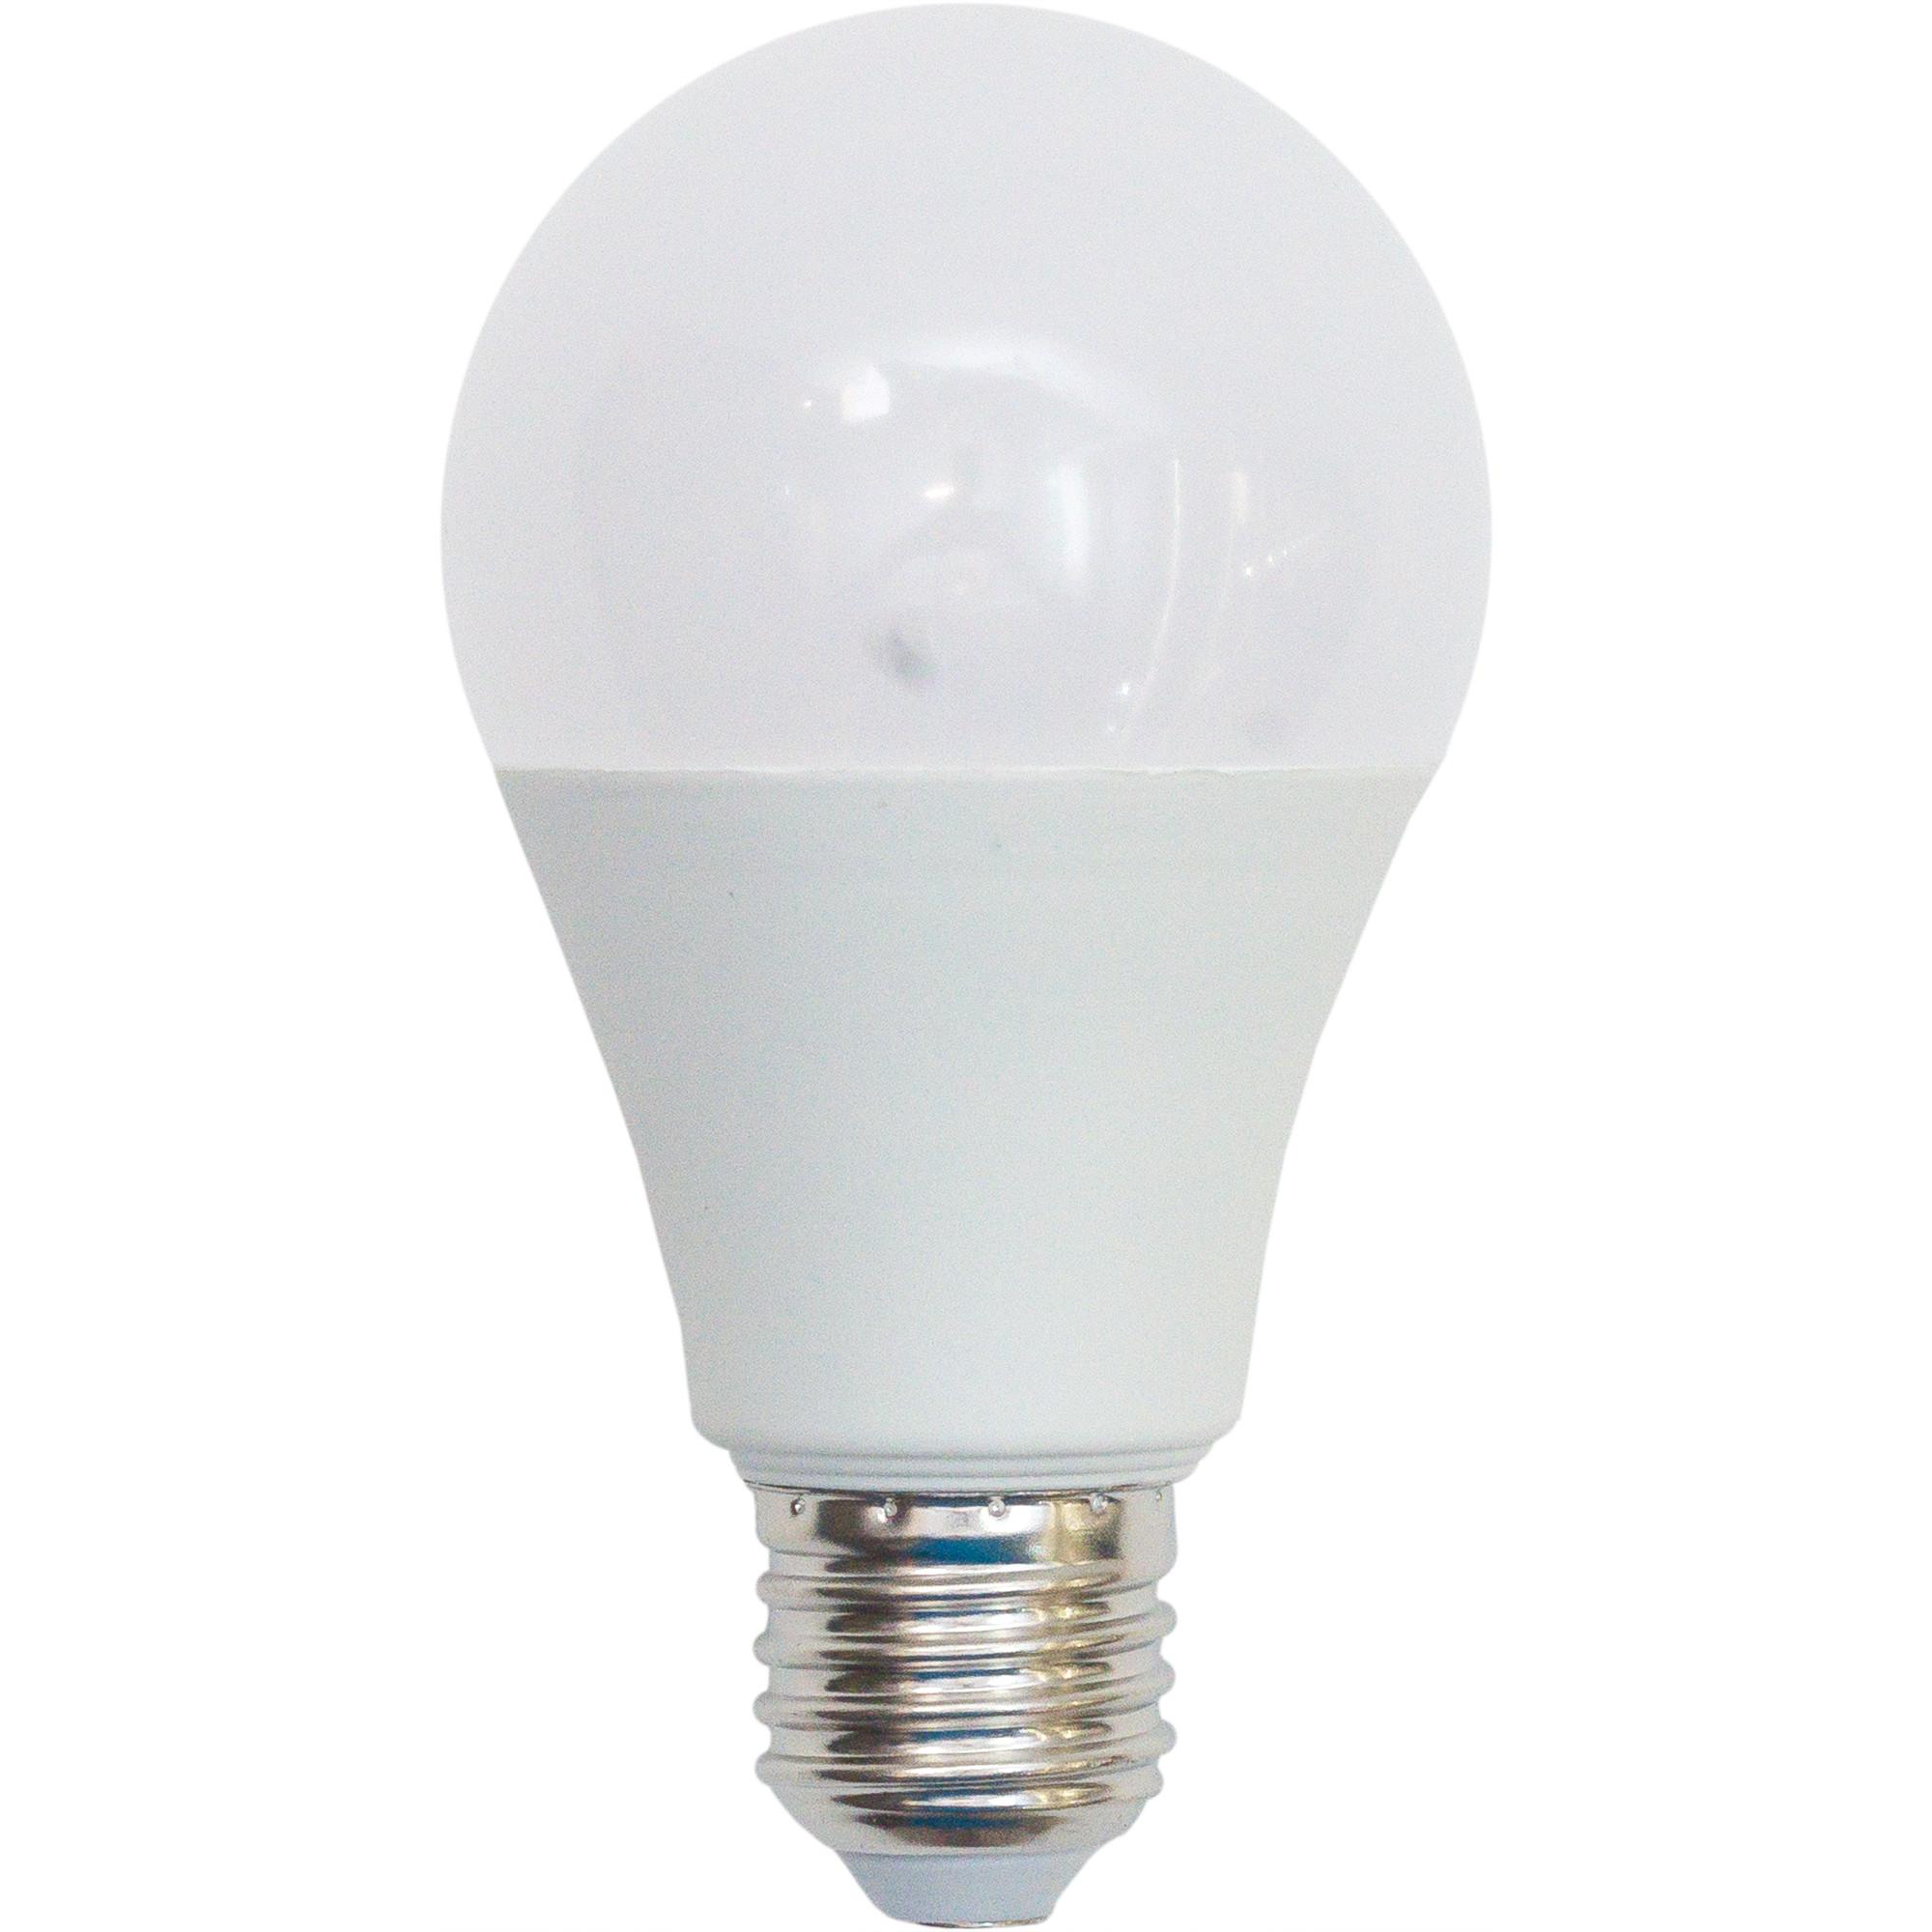 Лампа светодиодная Norma E27 170-240 В 20 Вт груша 1750 лм белый свет